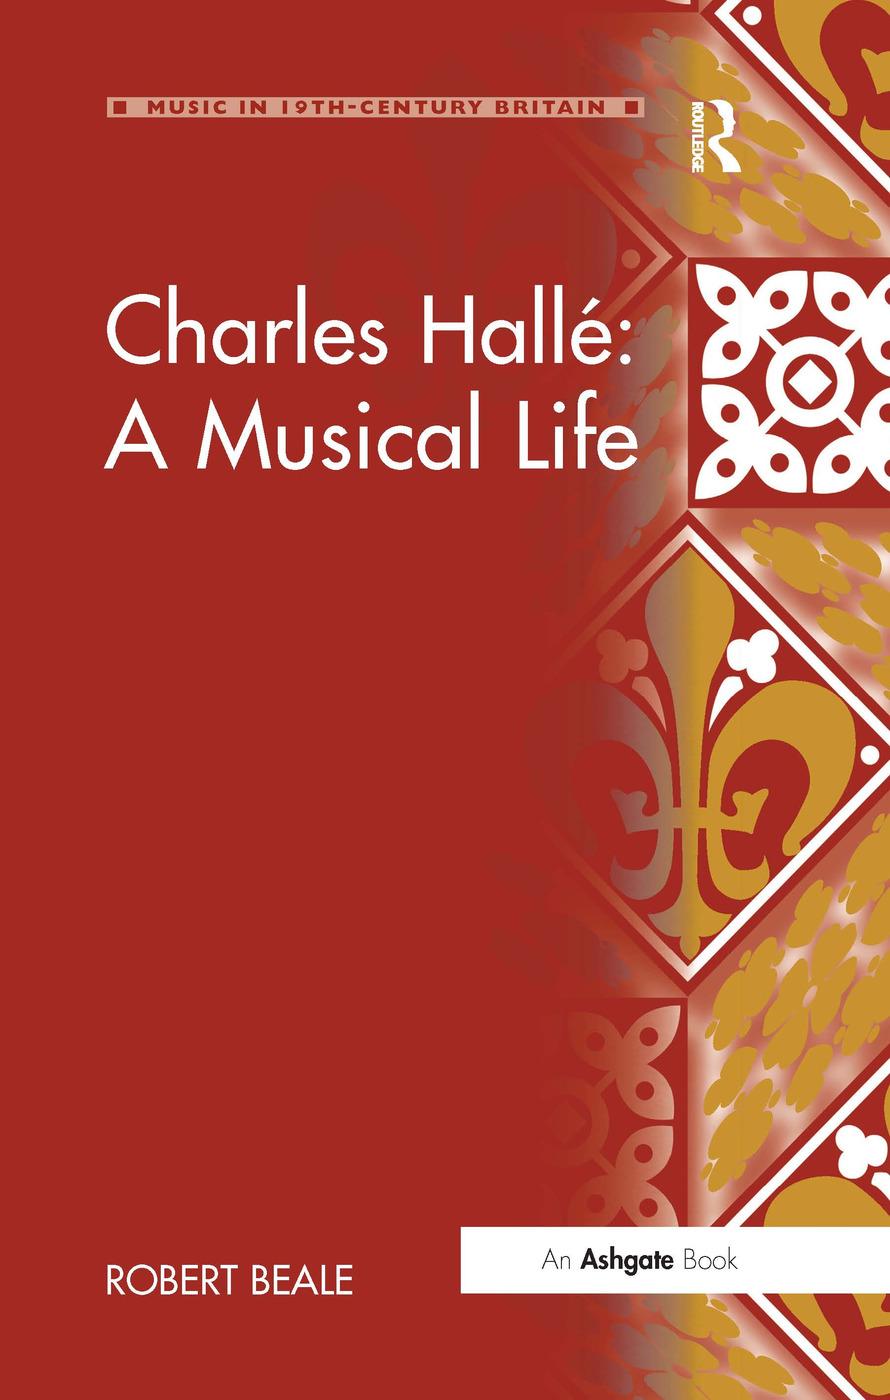 Charles Hallé: A Musical Life